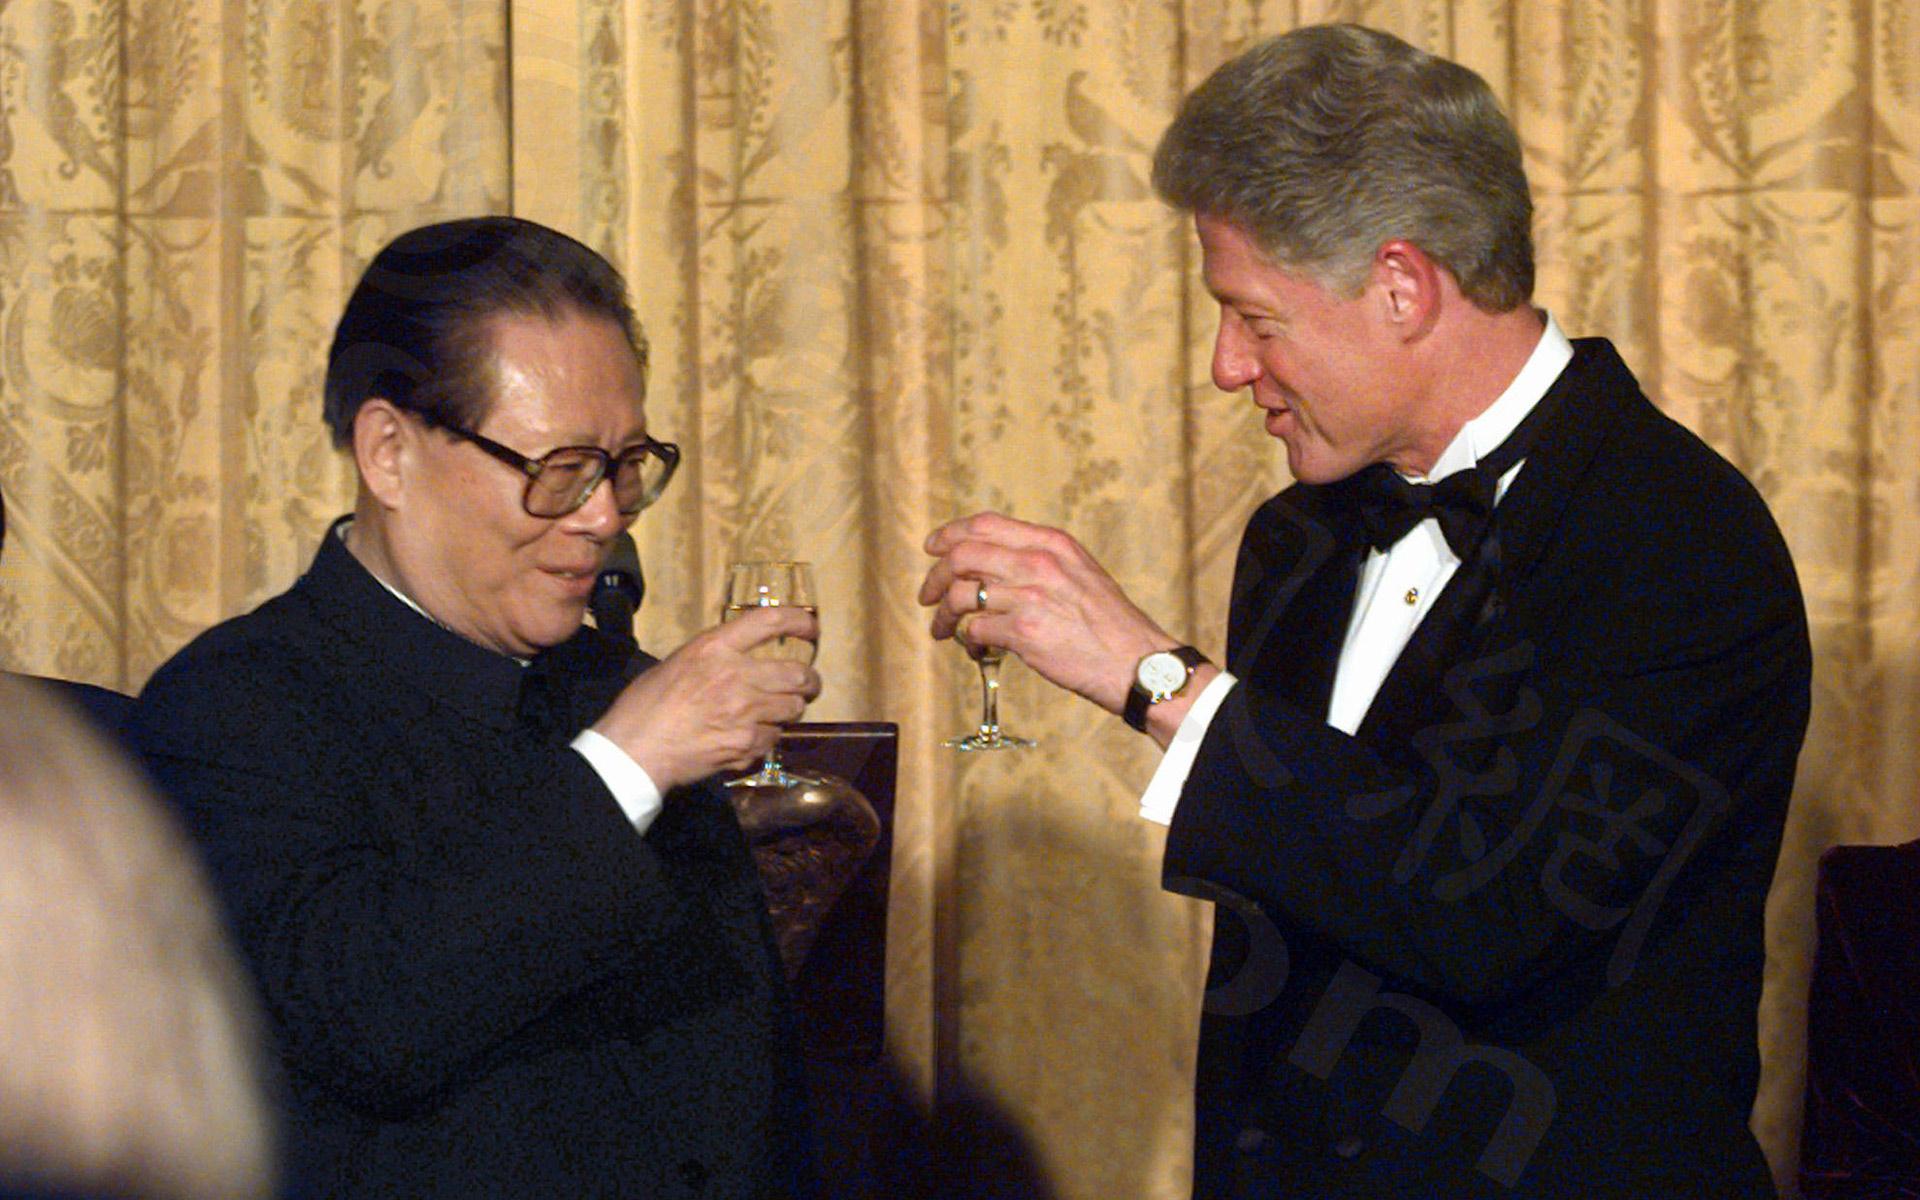 當年江澤民與柯林頓,美中關係交好的珍貴畫面。